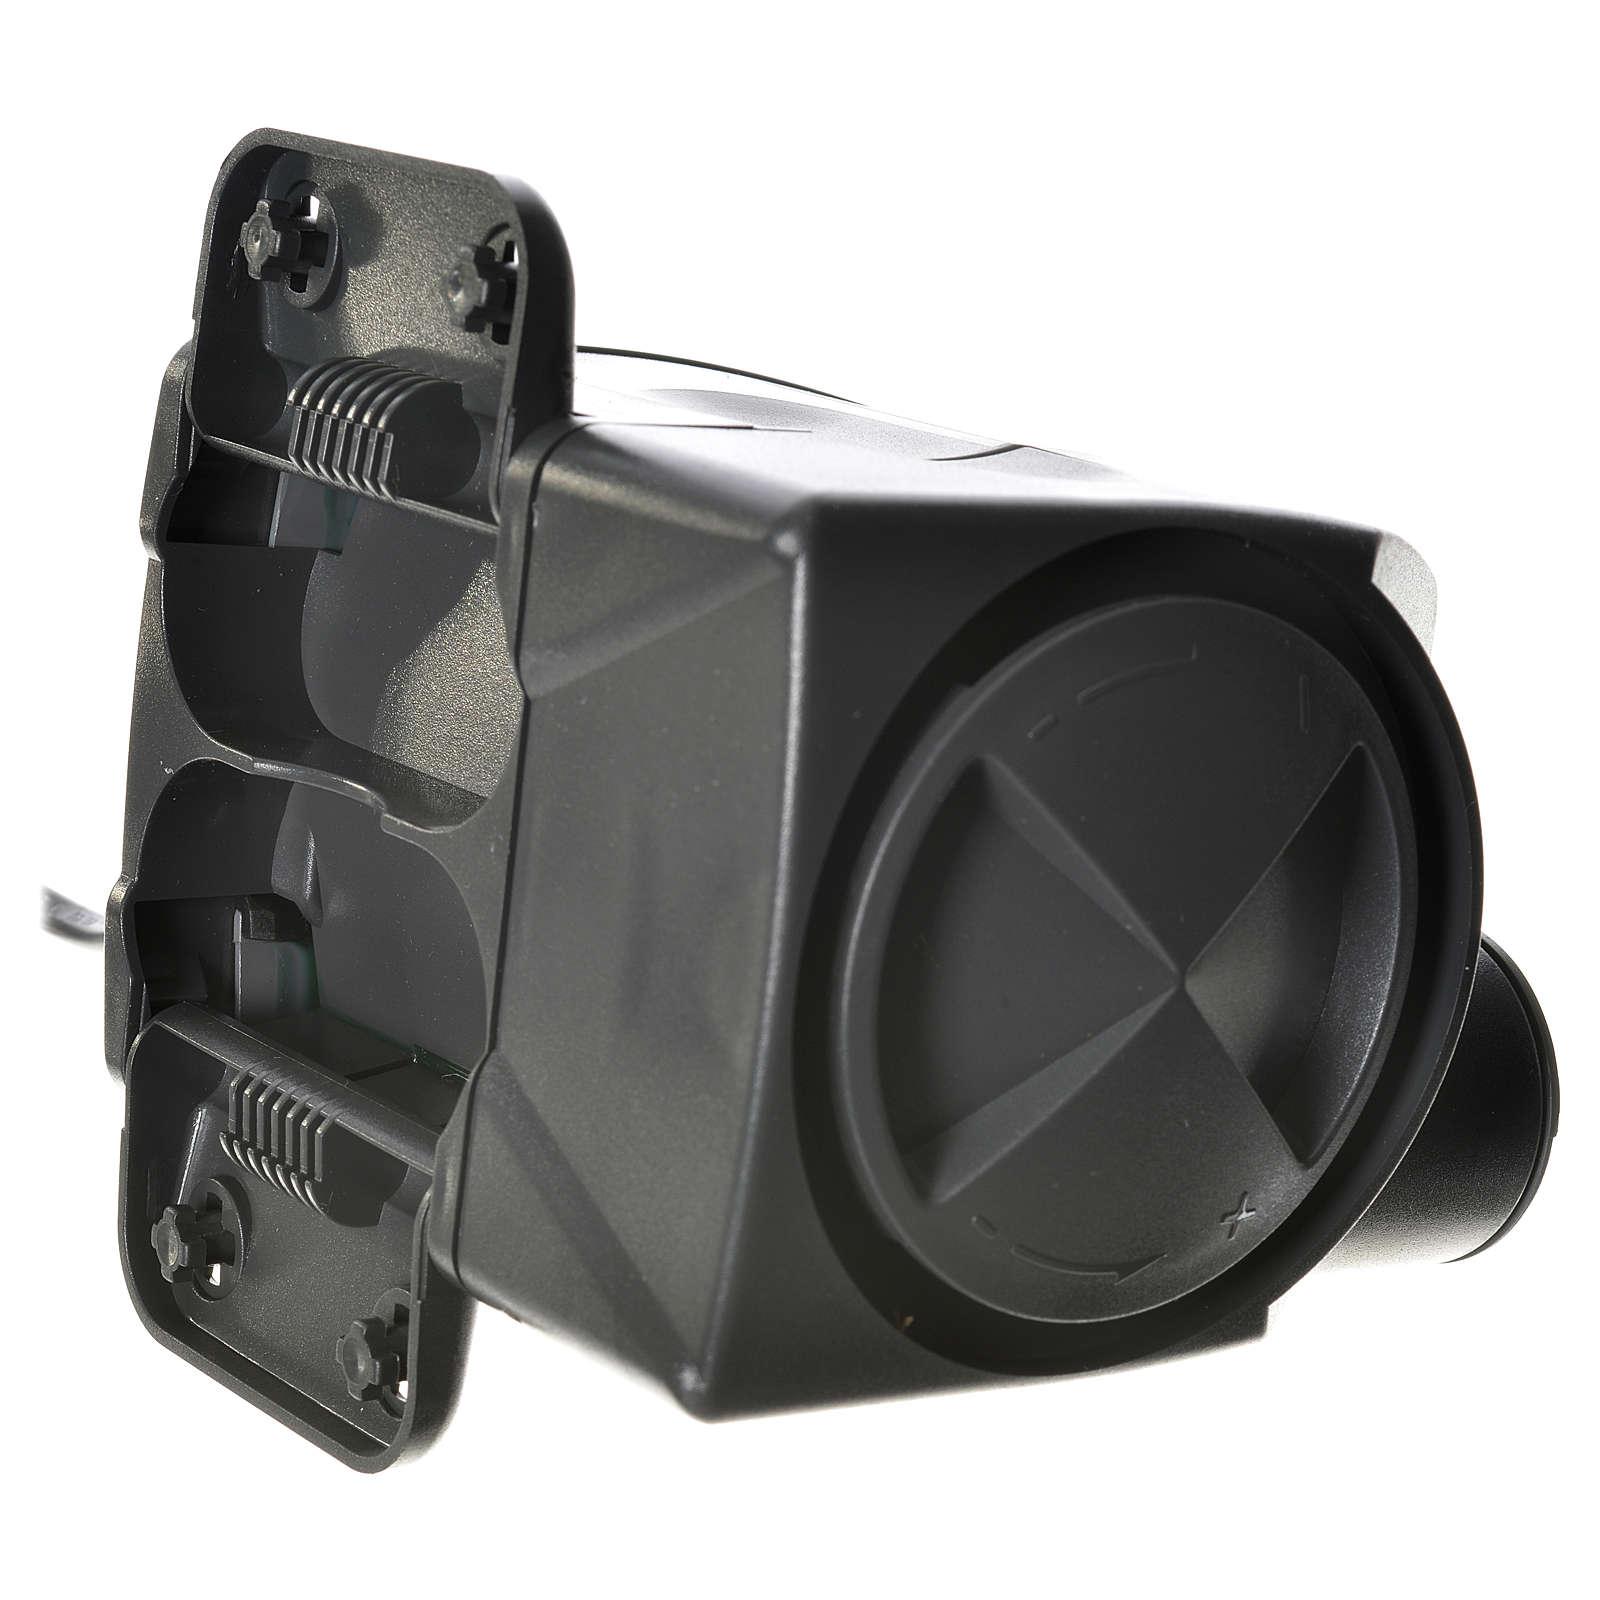 Pompa wodna szopka EXTREMA 500-2500l/h 35W 4